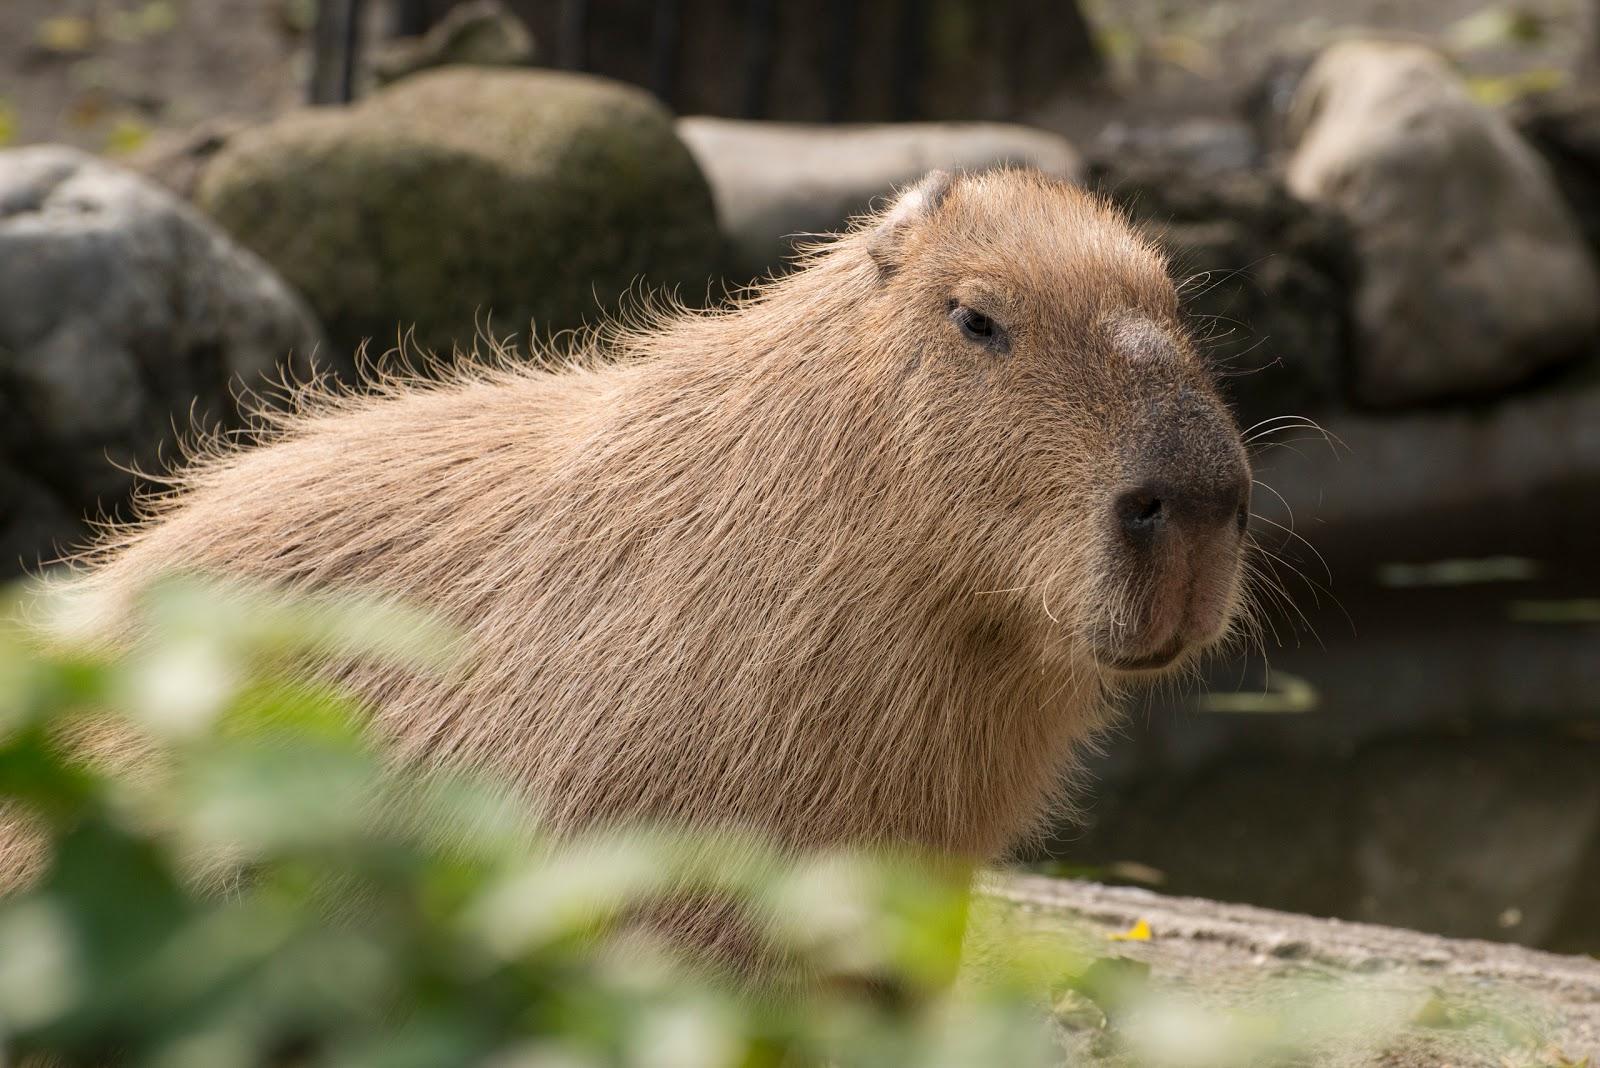 Капибара - самый крупный грызун, второе название - водосвинка. фото капибары и видео.